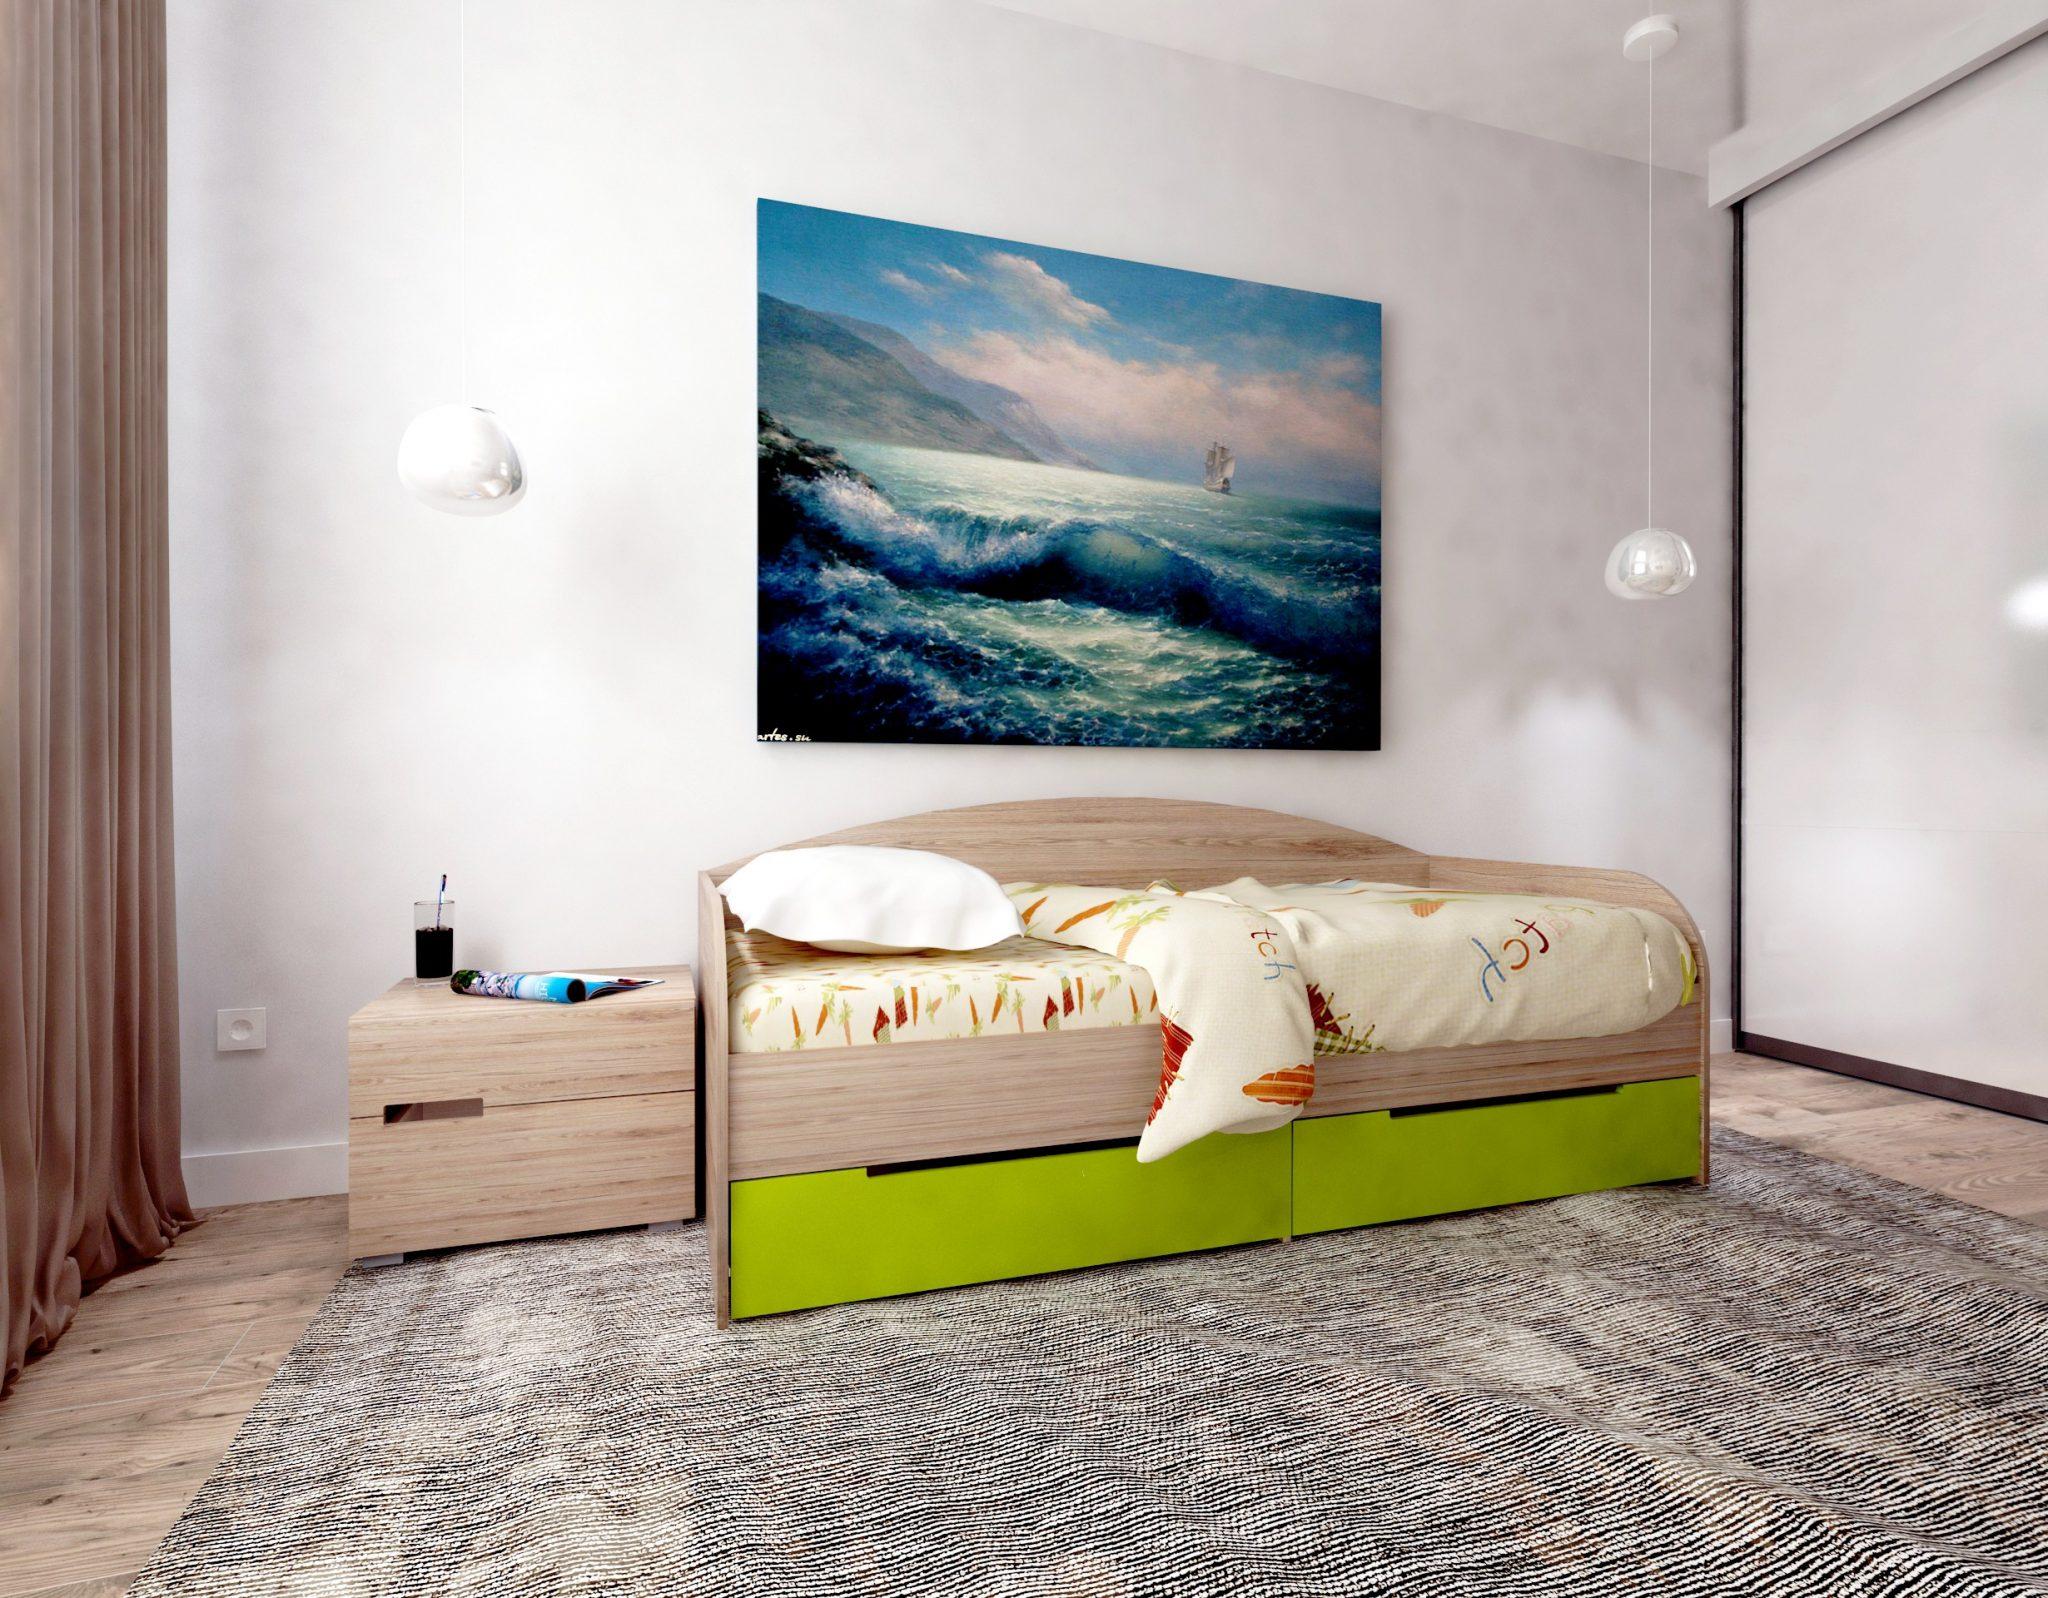 Придбайте дитяче ліжко з матрацом зі знижкою 500 гривень!